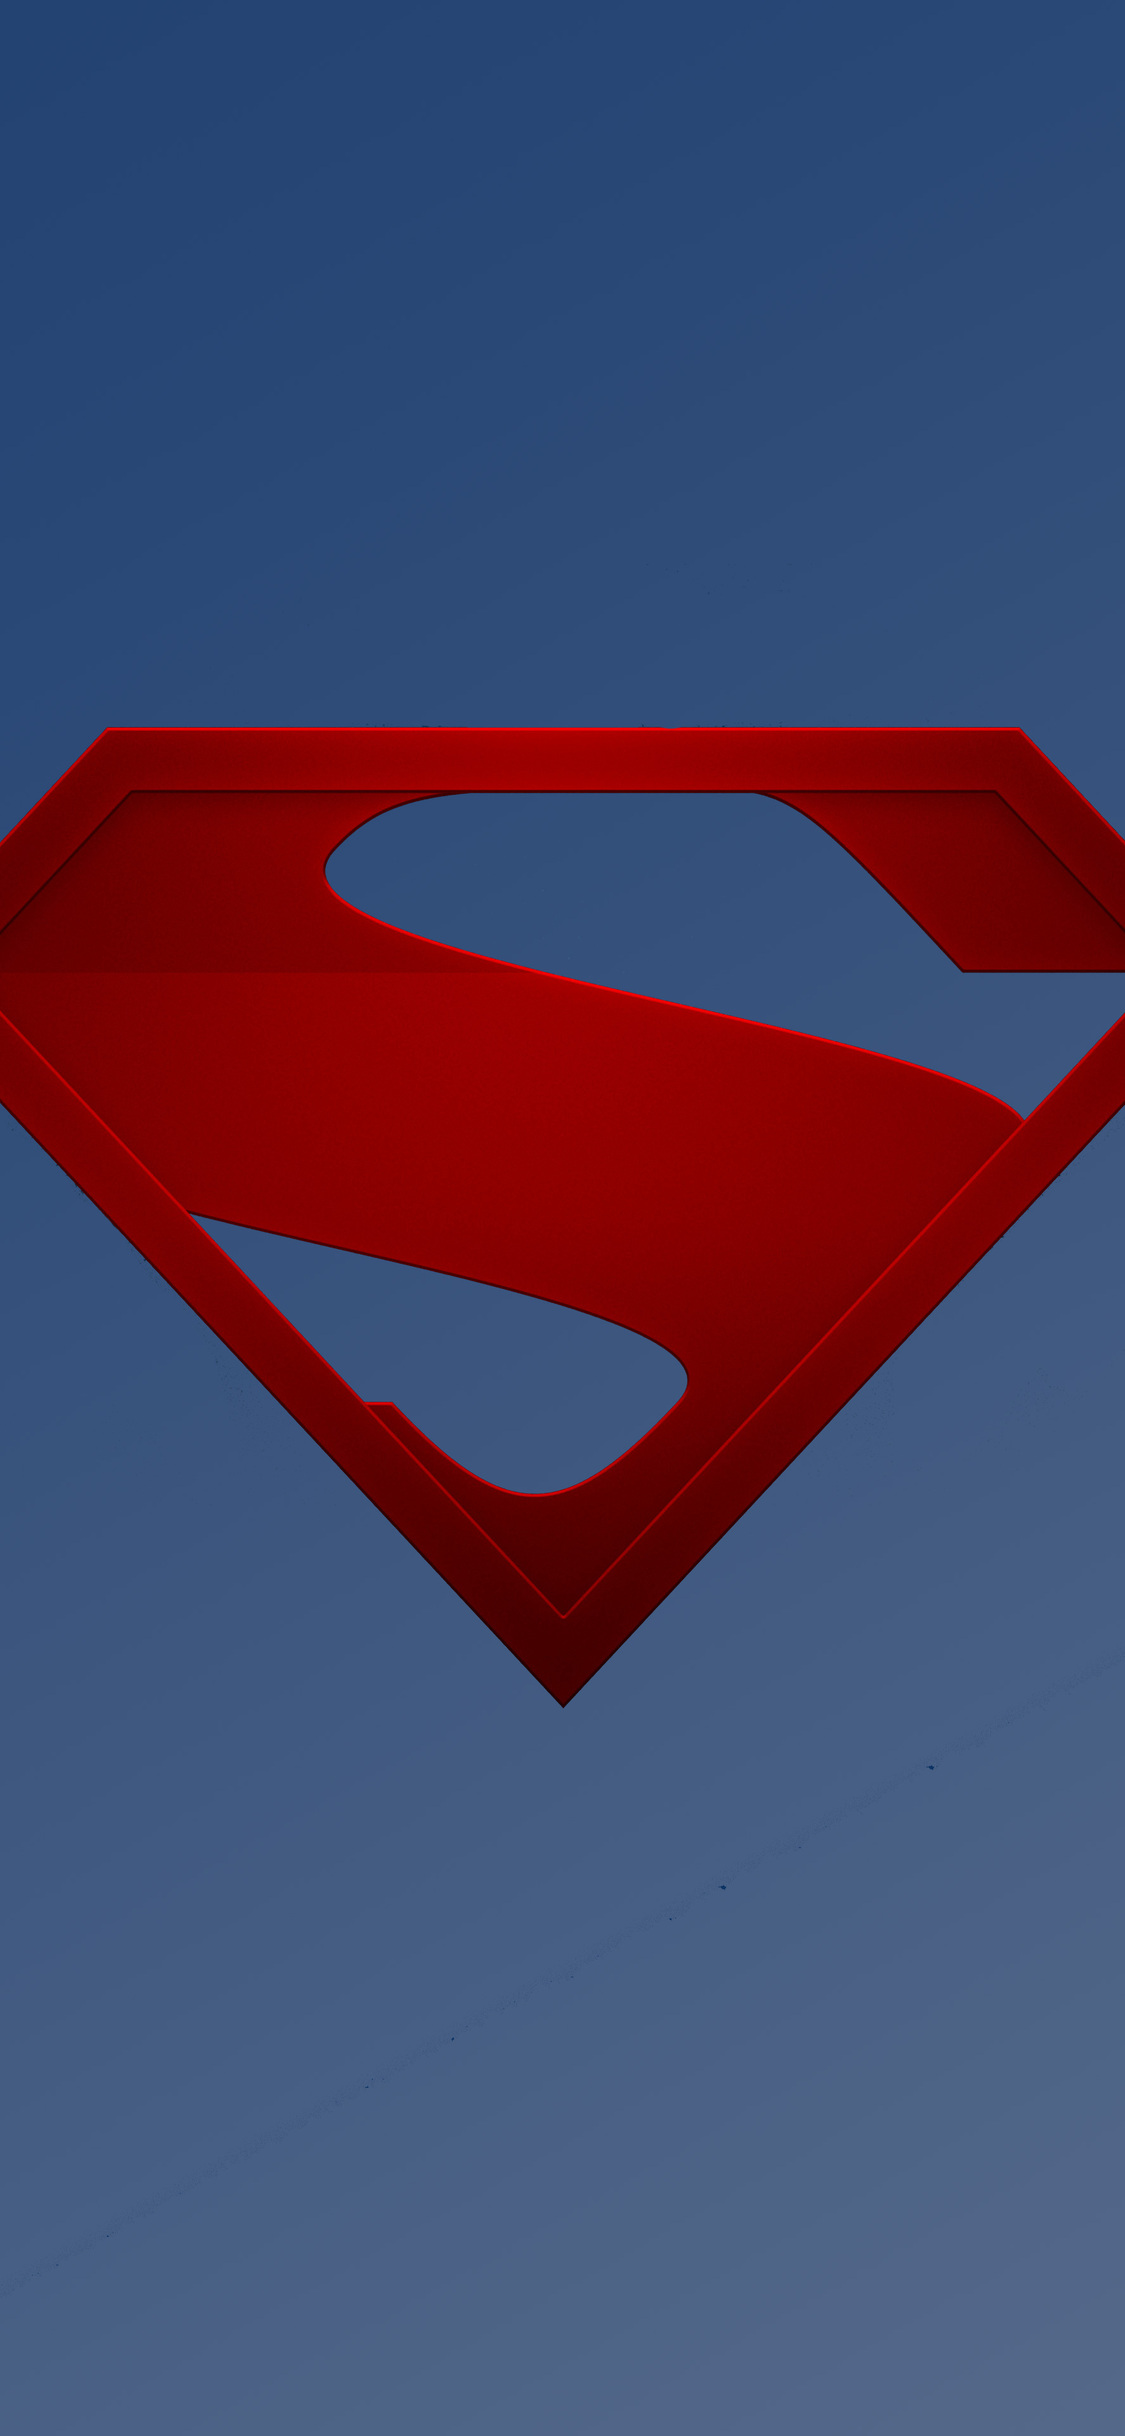 1125x2436 The Man Of Steel Logo Iphone Xs Iphone 10 Iphone X Hd 4k